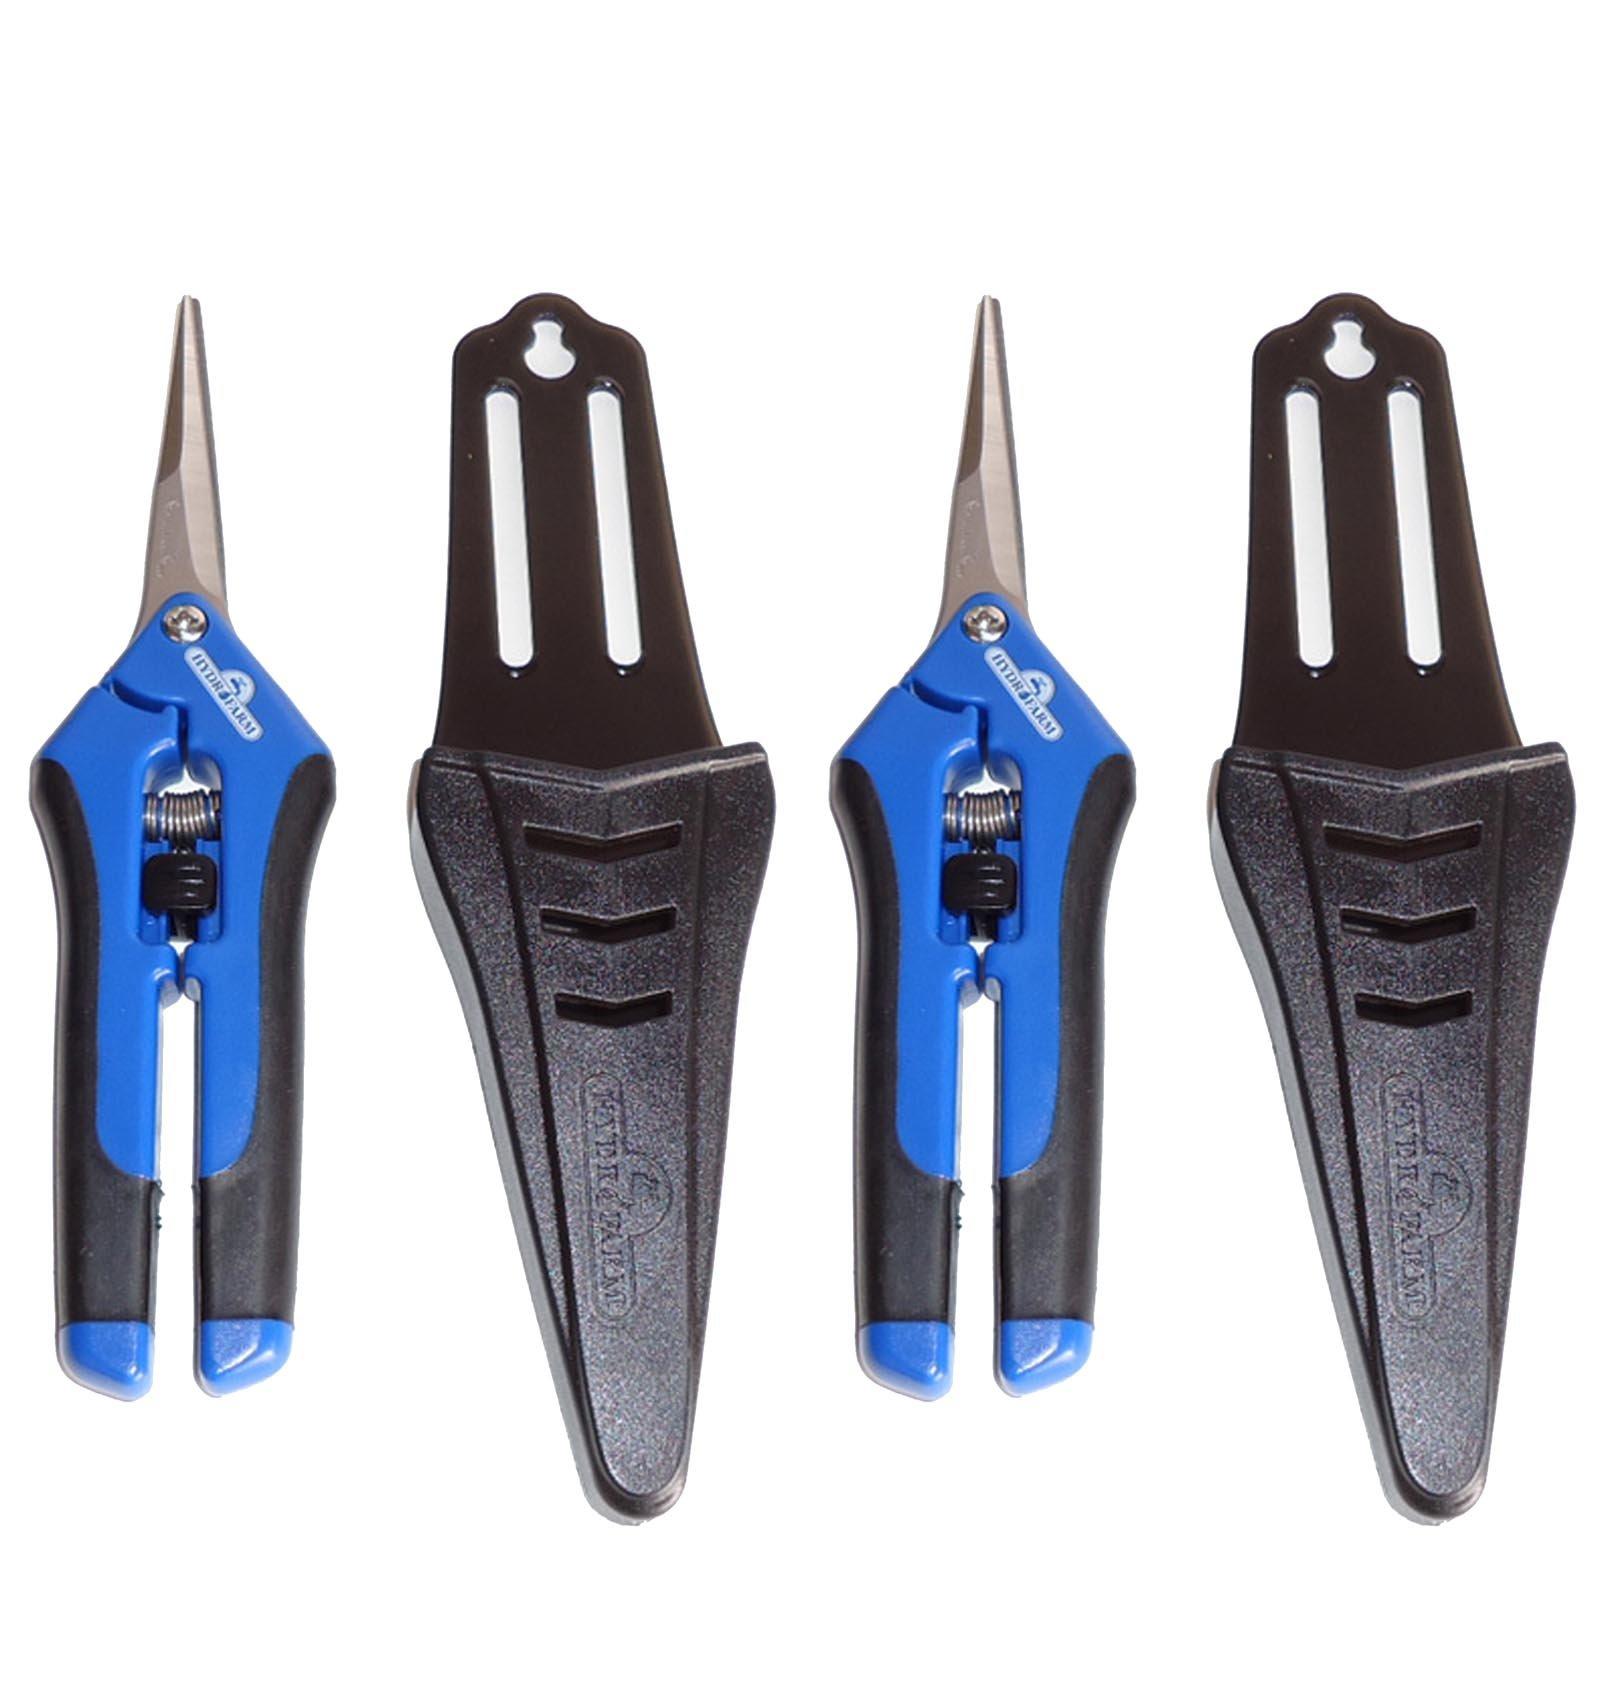 (2) HYDROFARM HGPP400C Precision Curved Blade Trimmer Scissor Pruners w/ Holster by Hydrofarm